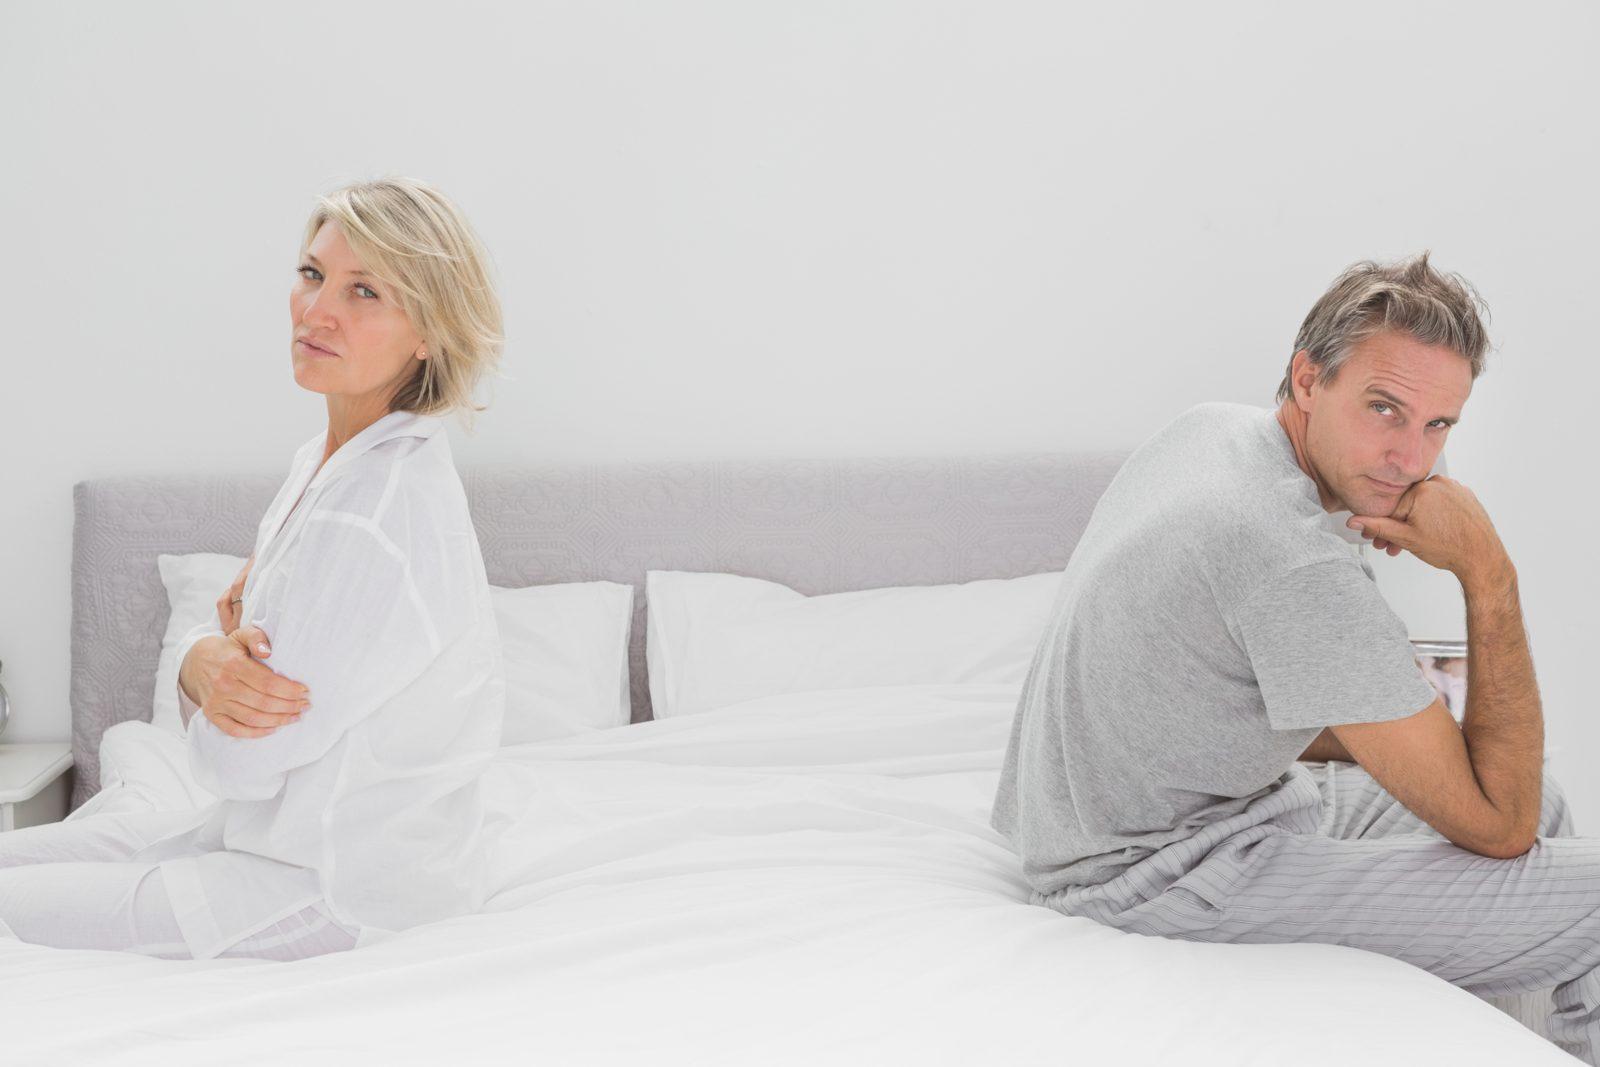 desiderio sessuale durante la menopausa